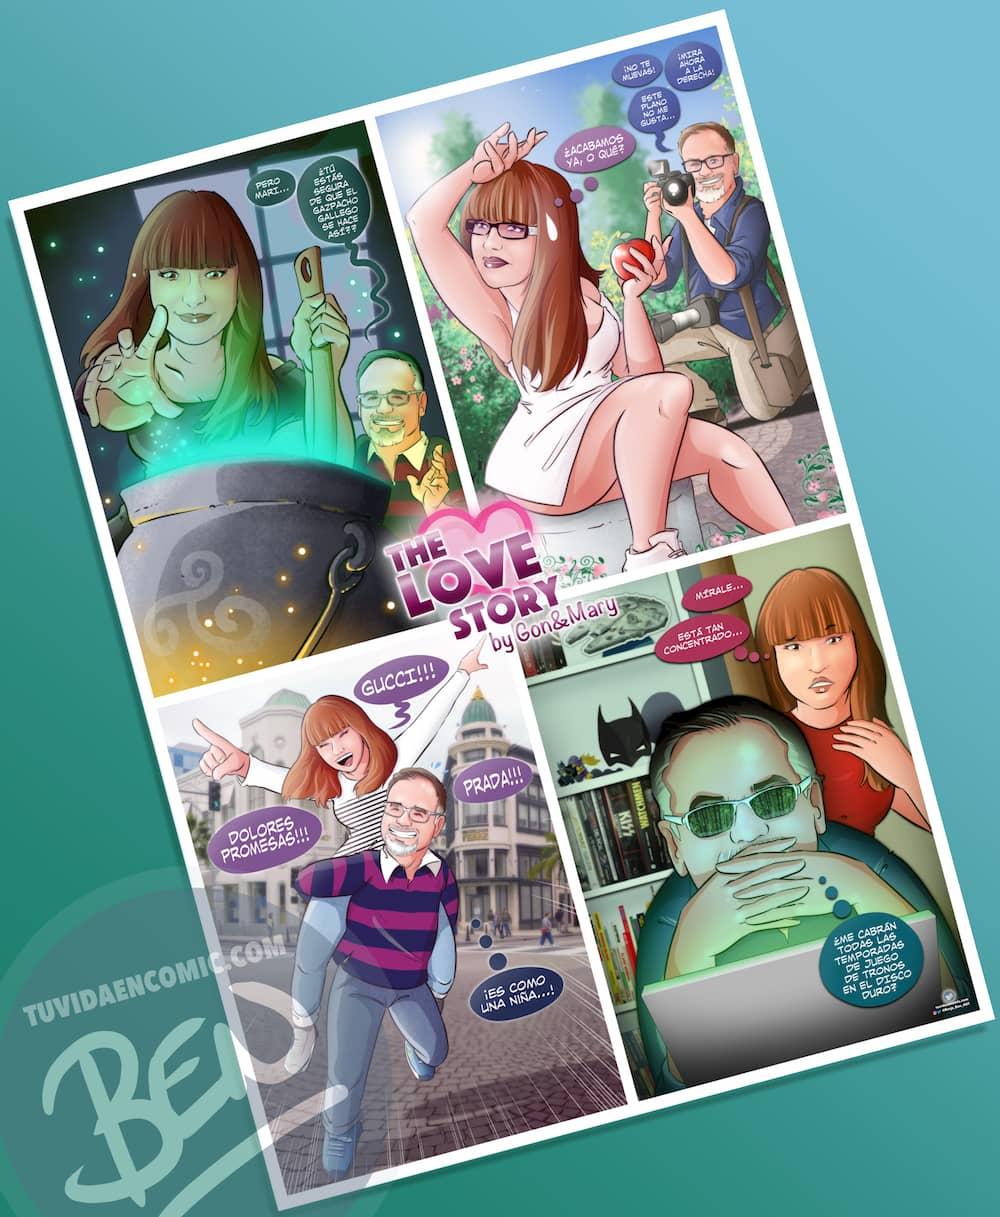 Composición de Ilustraciones - viajes, marcas caras y meigas gallegas - Caricaturas - Regalo de aniversario original - www.tuvidaencomic.com - Borja_Ben_ART - COMPLETO